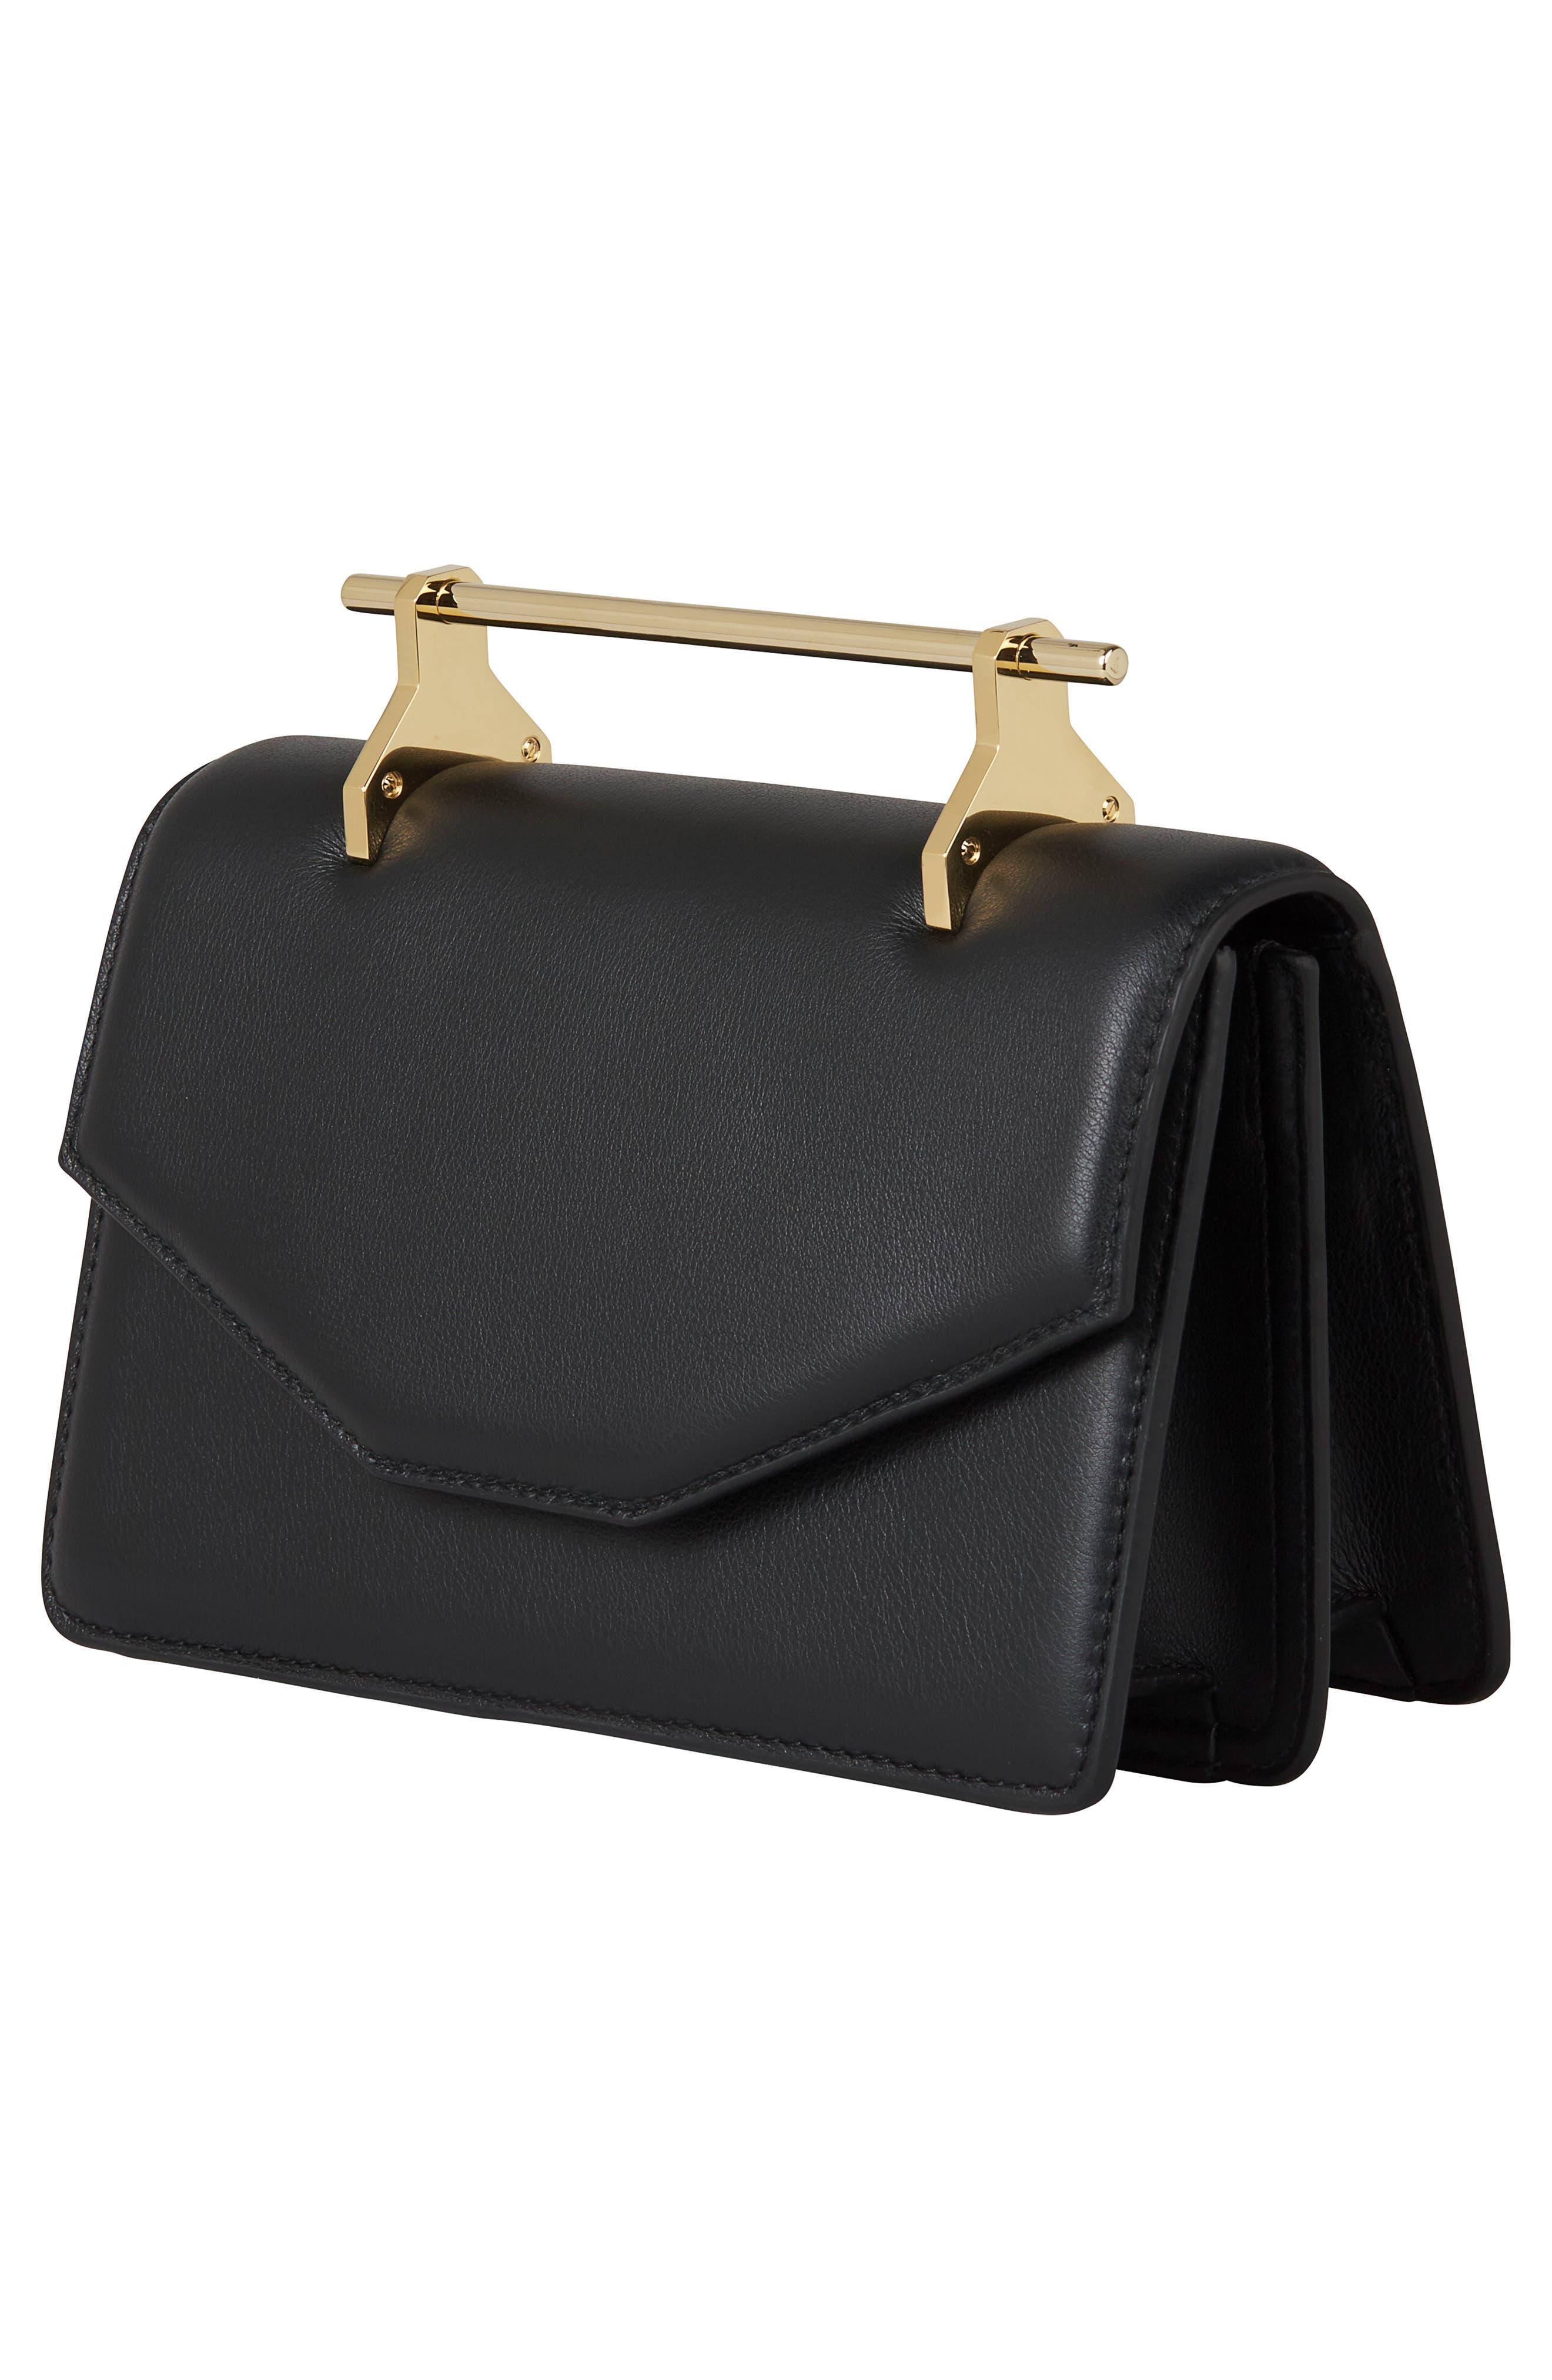 Indre Leather Shoulder Bag,                             Alternate thumbnail 3, color,                             Black/ Gold